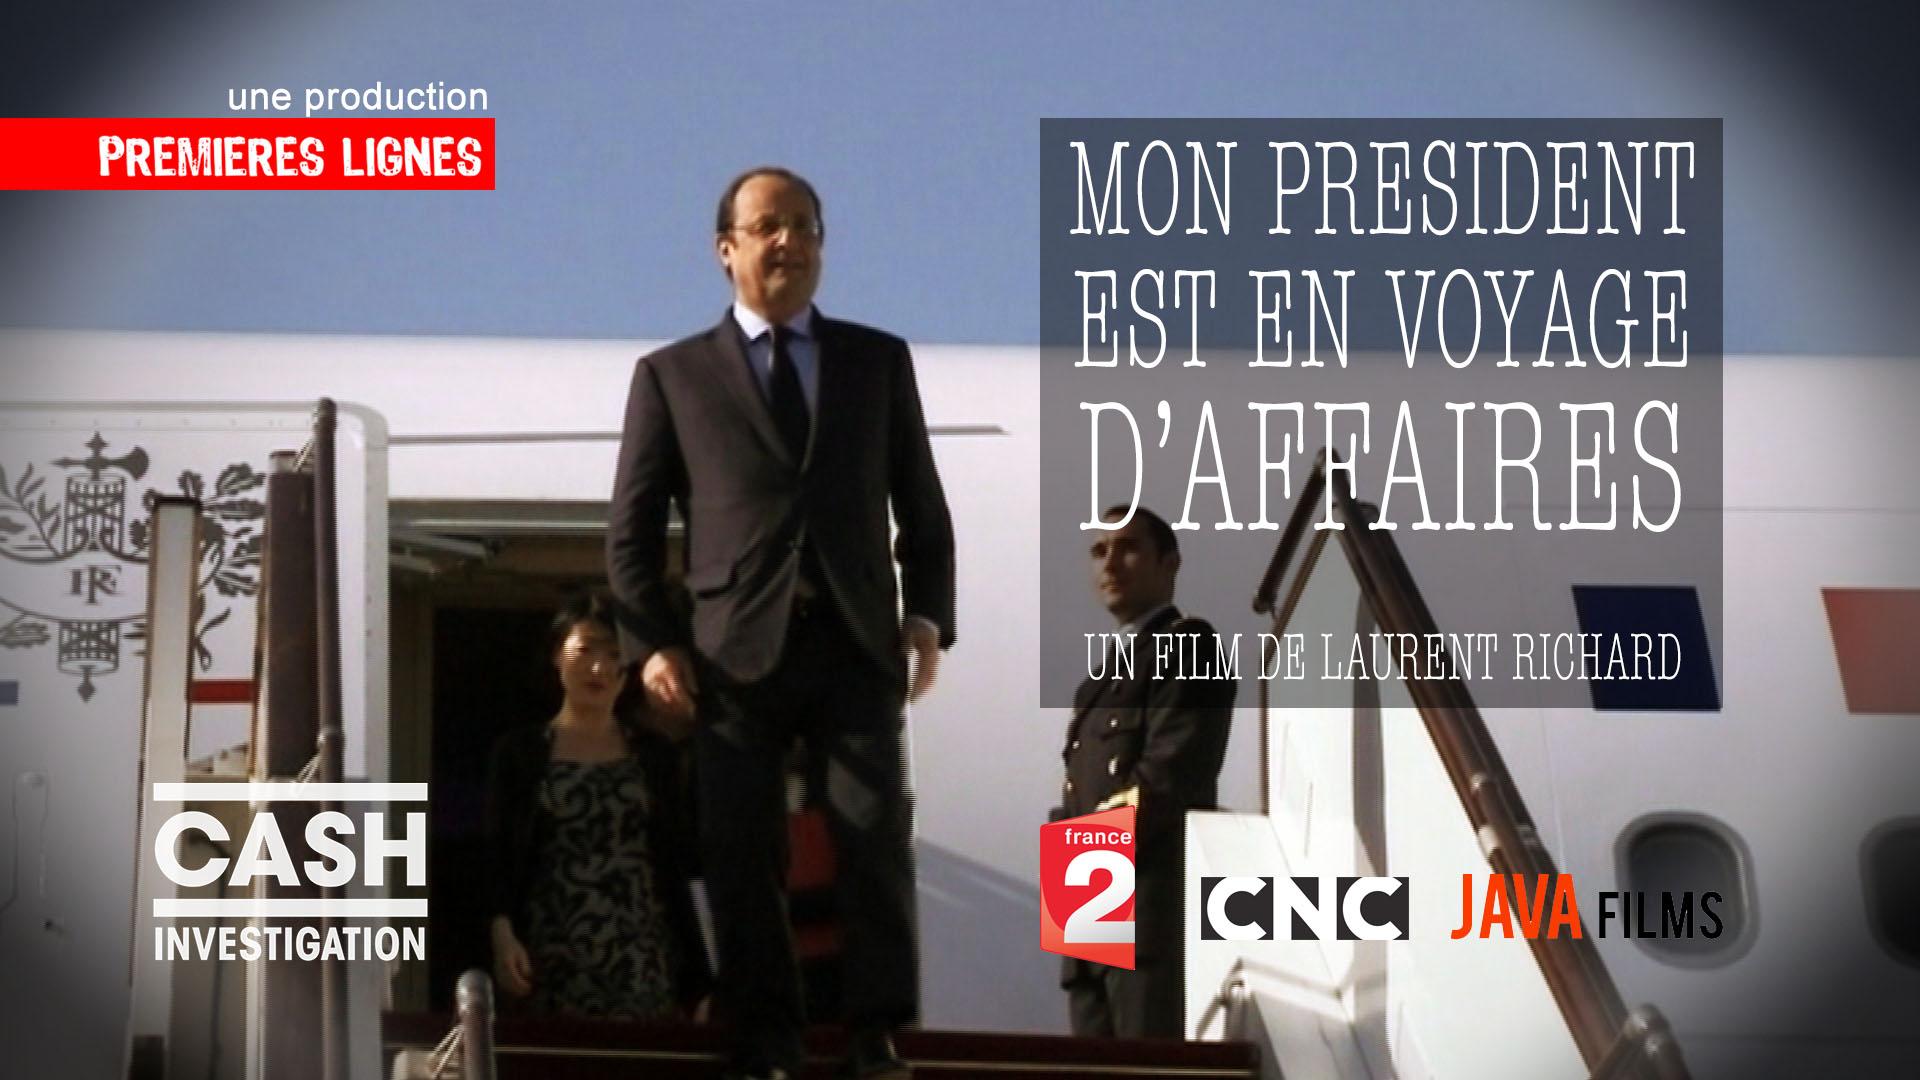 cash president aff1